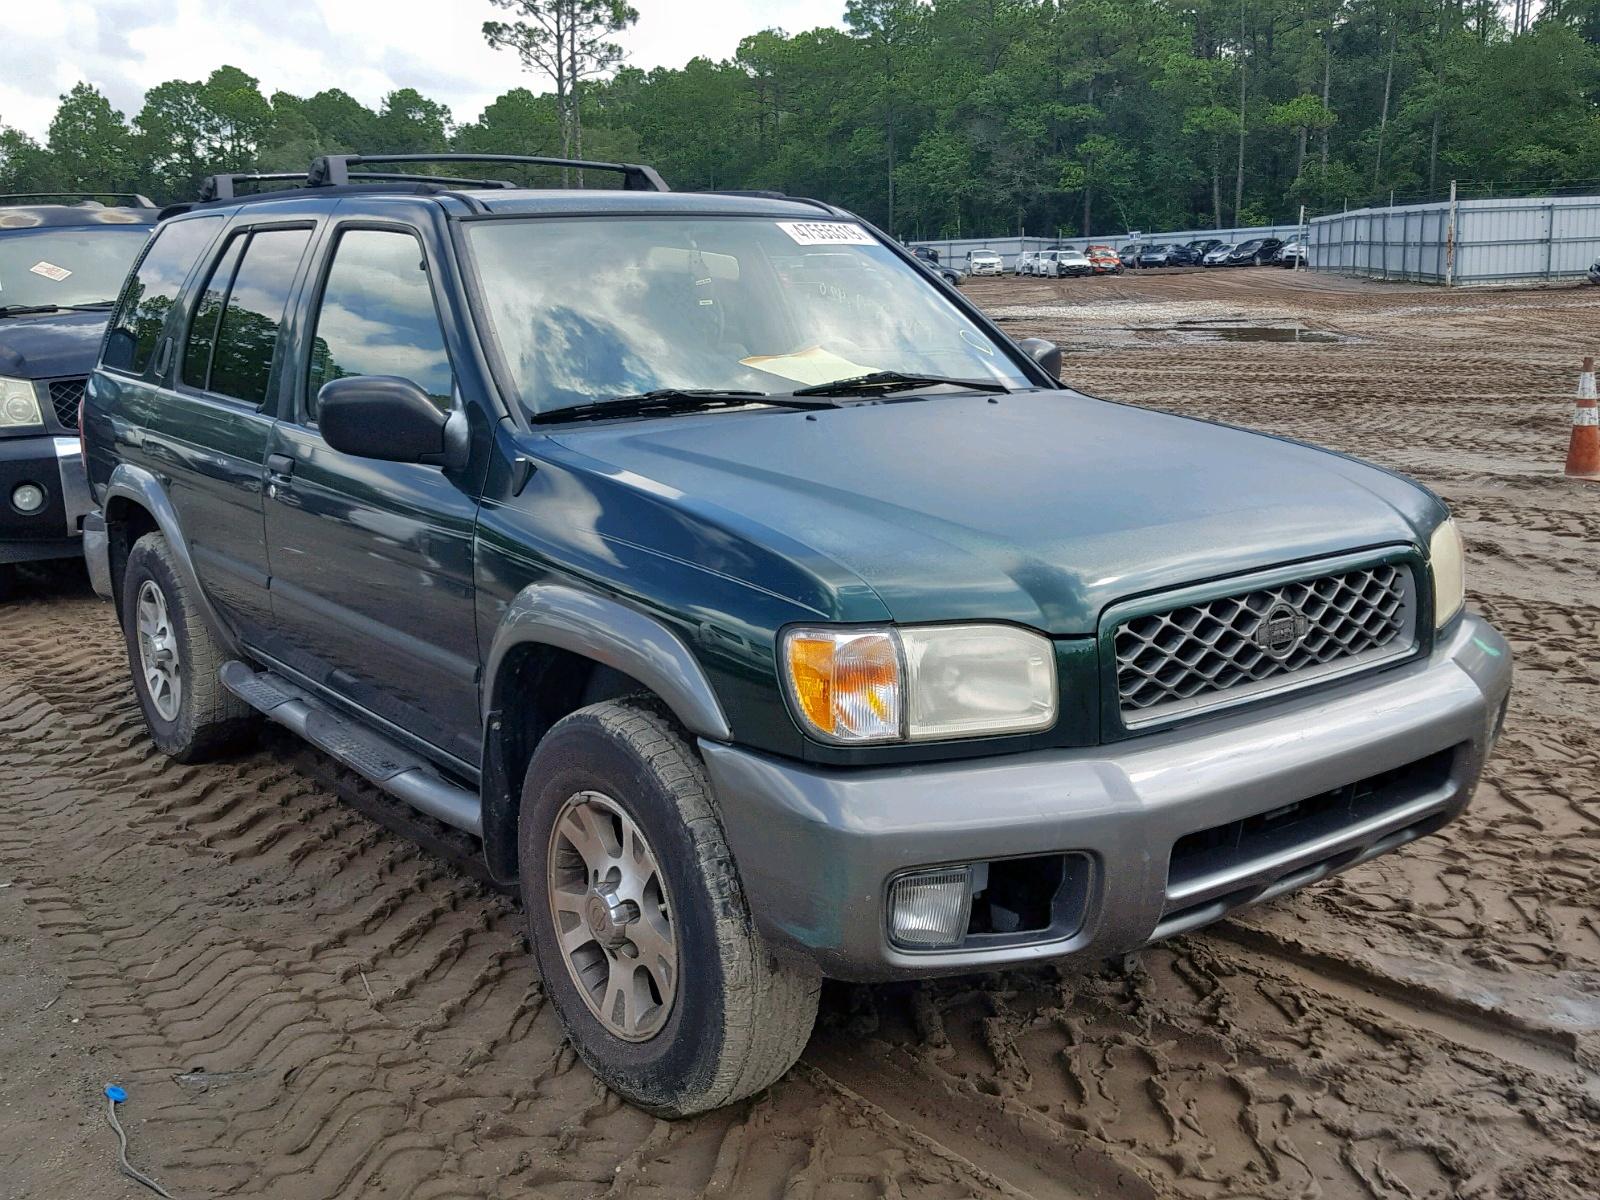 nissan pathfinder 2000 jn8ar07y6yw439240 auto auction spot auto auction spot